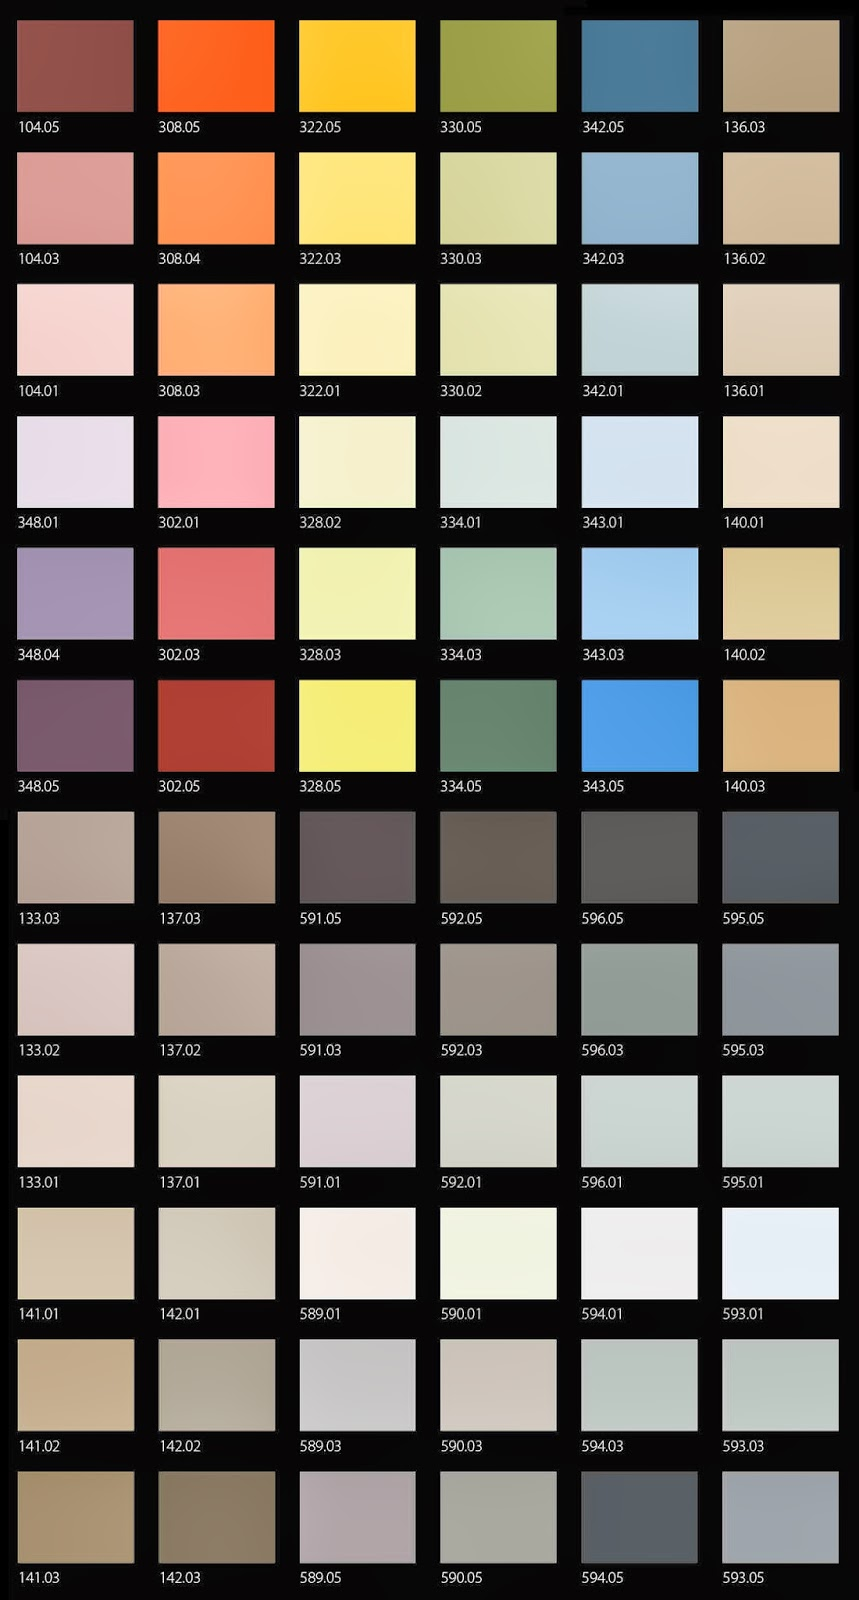 Tabella Colori Sikkens Ral mobili lavelli: gamma colori per pareti